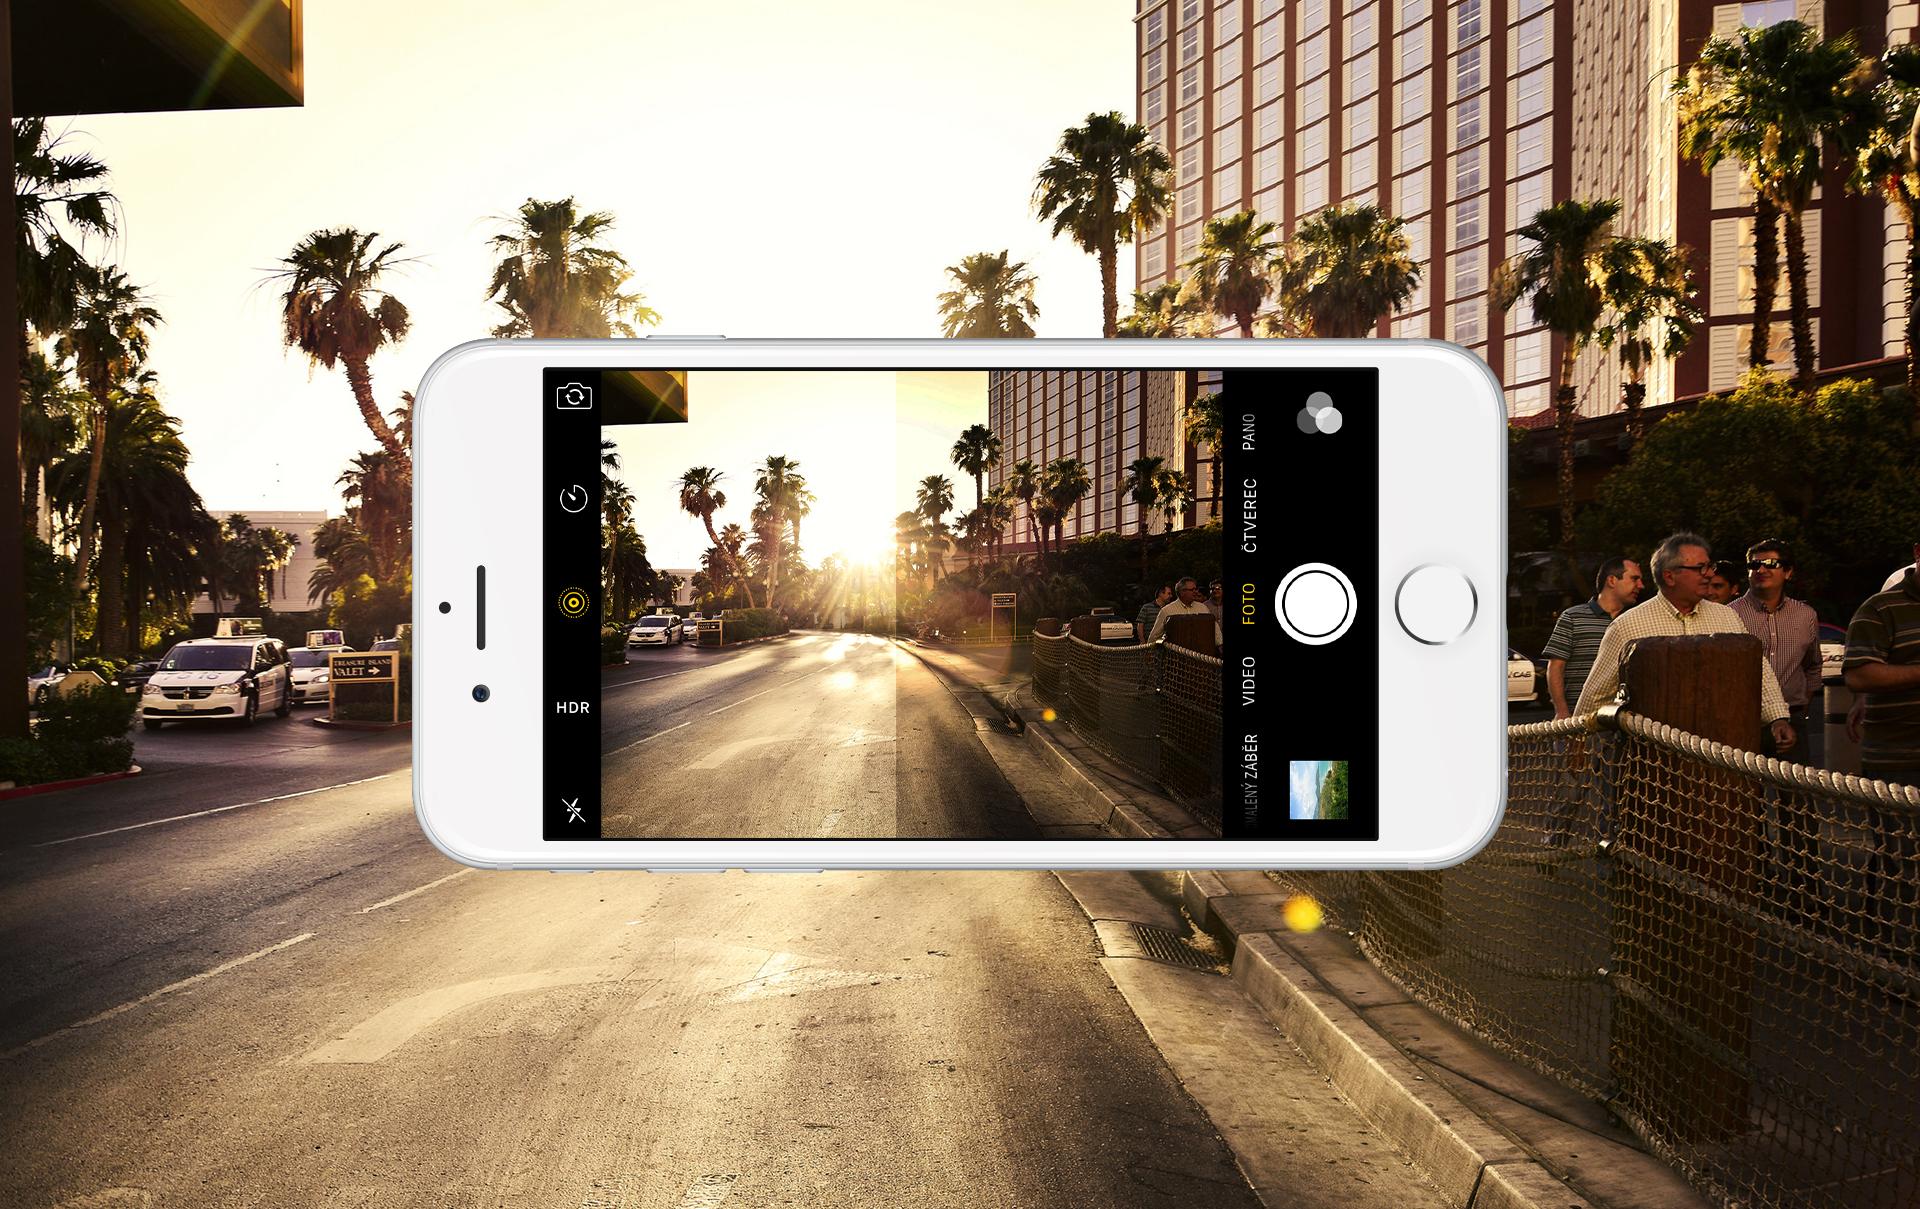 jak-fotit-iphonem-hdr-cestujsnadno